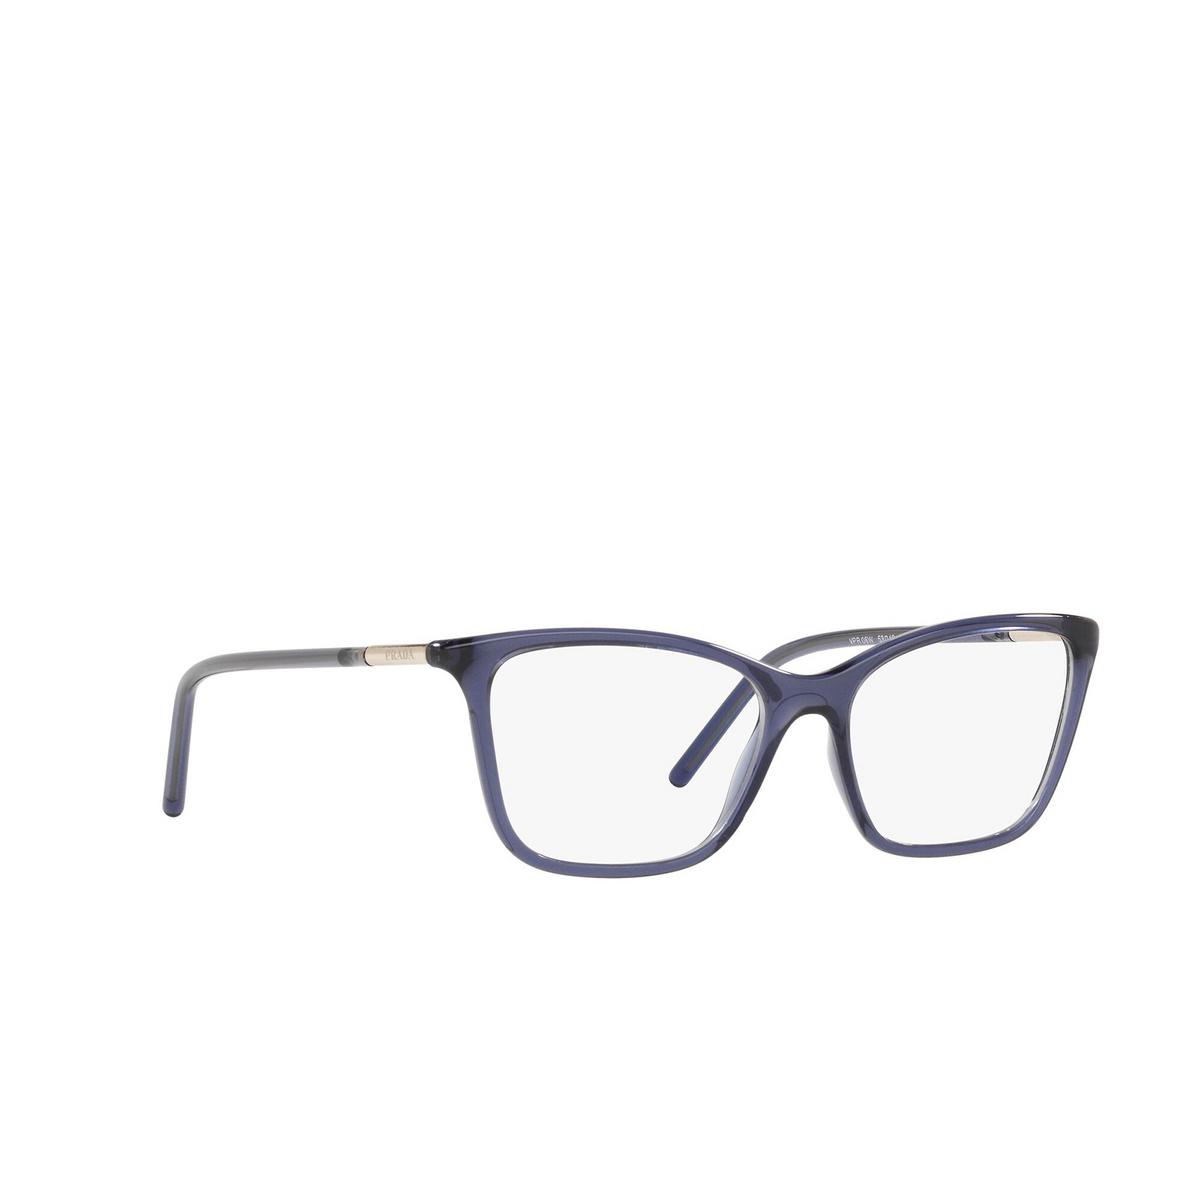 Prada® Cat-eye Eyeglasses: PR 08WV color Bluette 06M1O1 - three-quarters view.